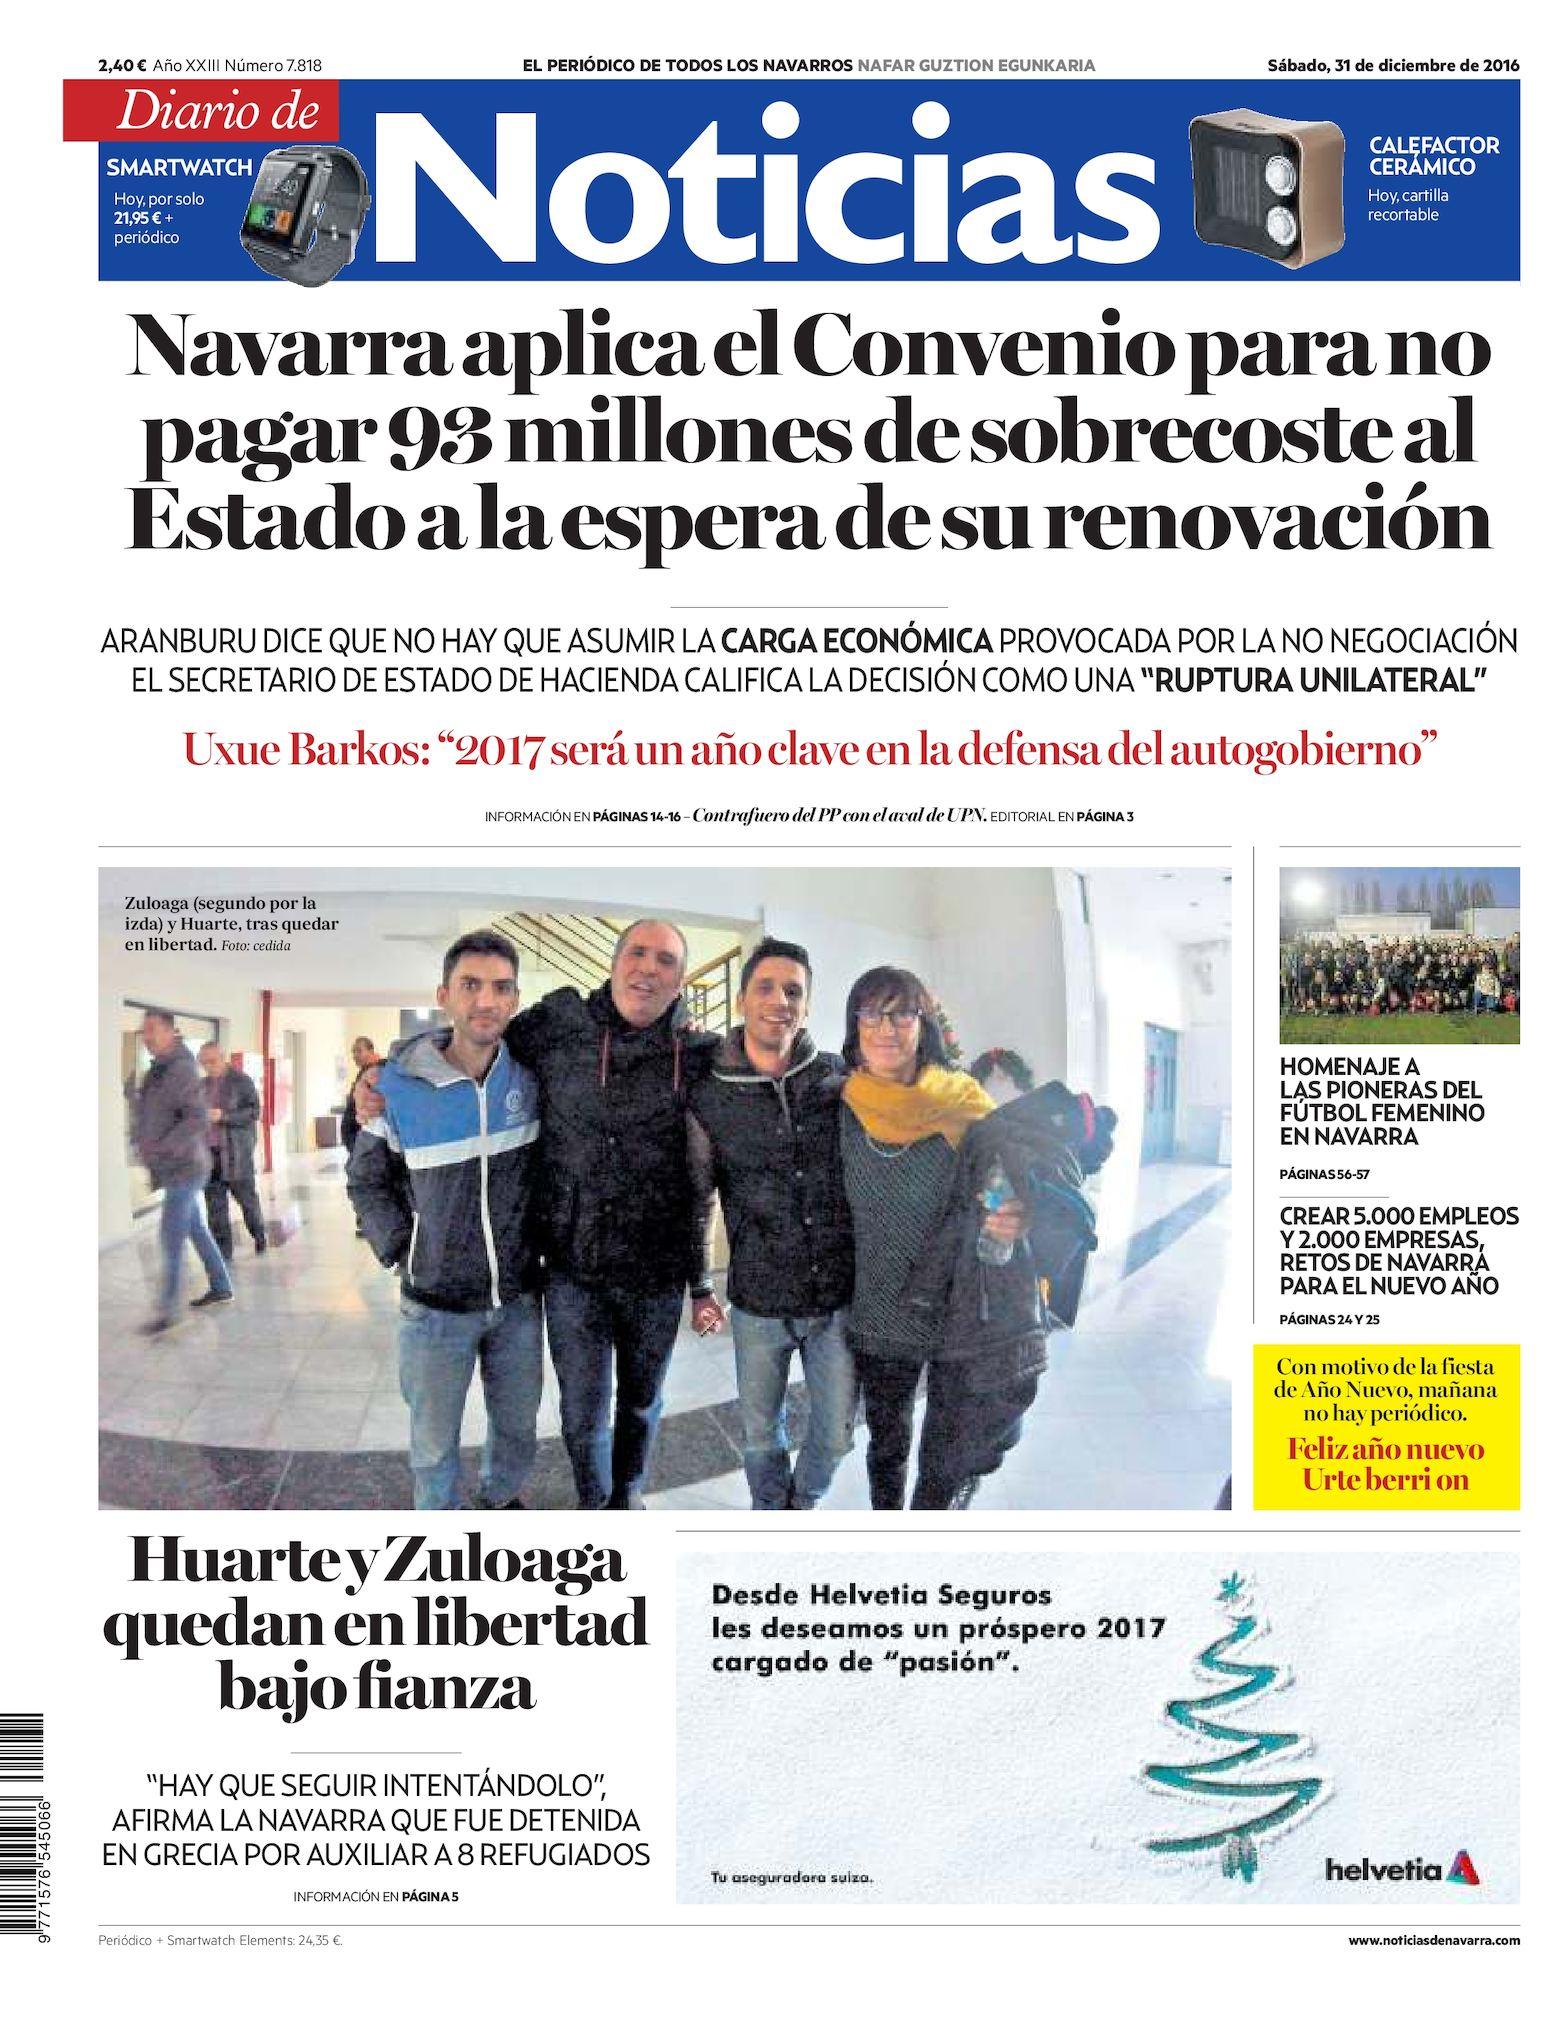 22ec2d45d Calaméo - Diario de Noticias 20161231